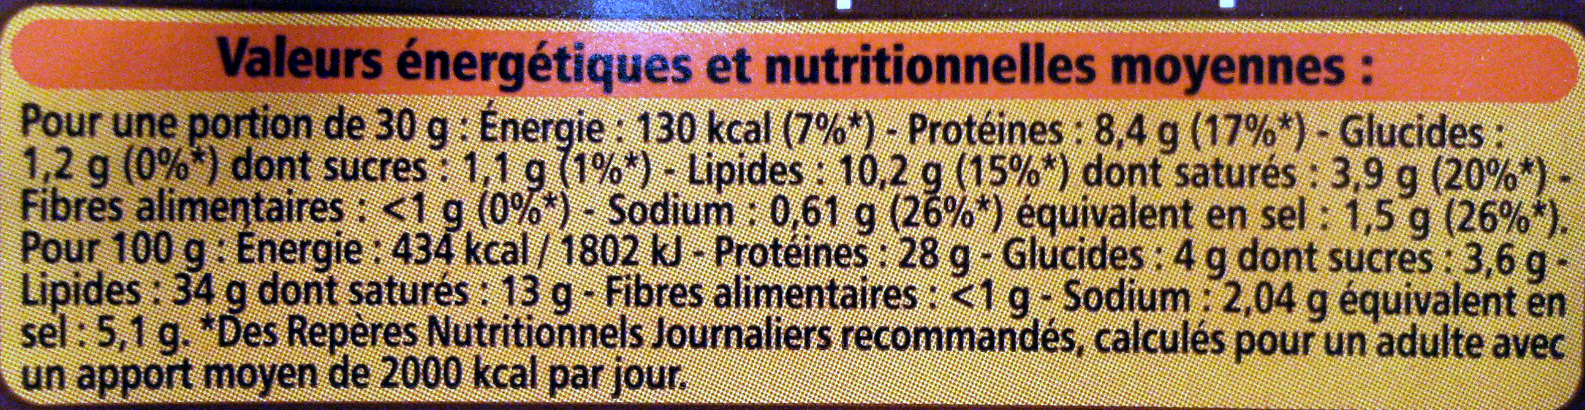 Saucisse sèche courbe pur porc qualité supérieure - Informations nutritionnelles